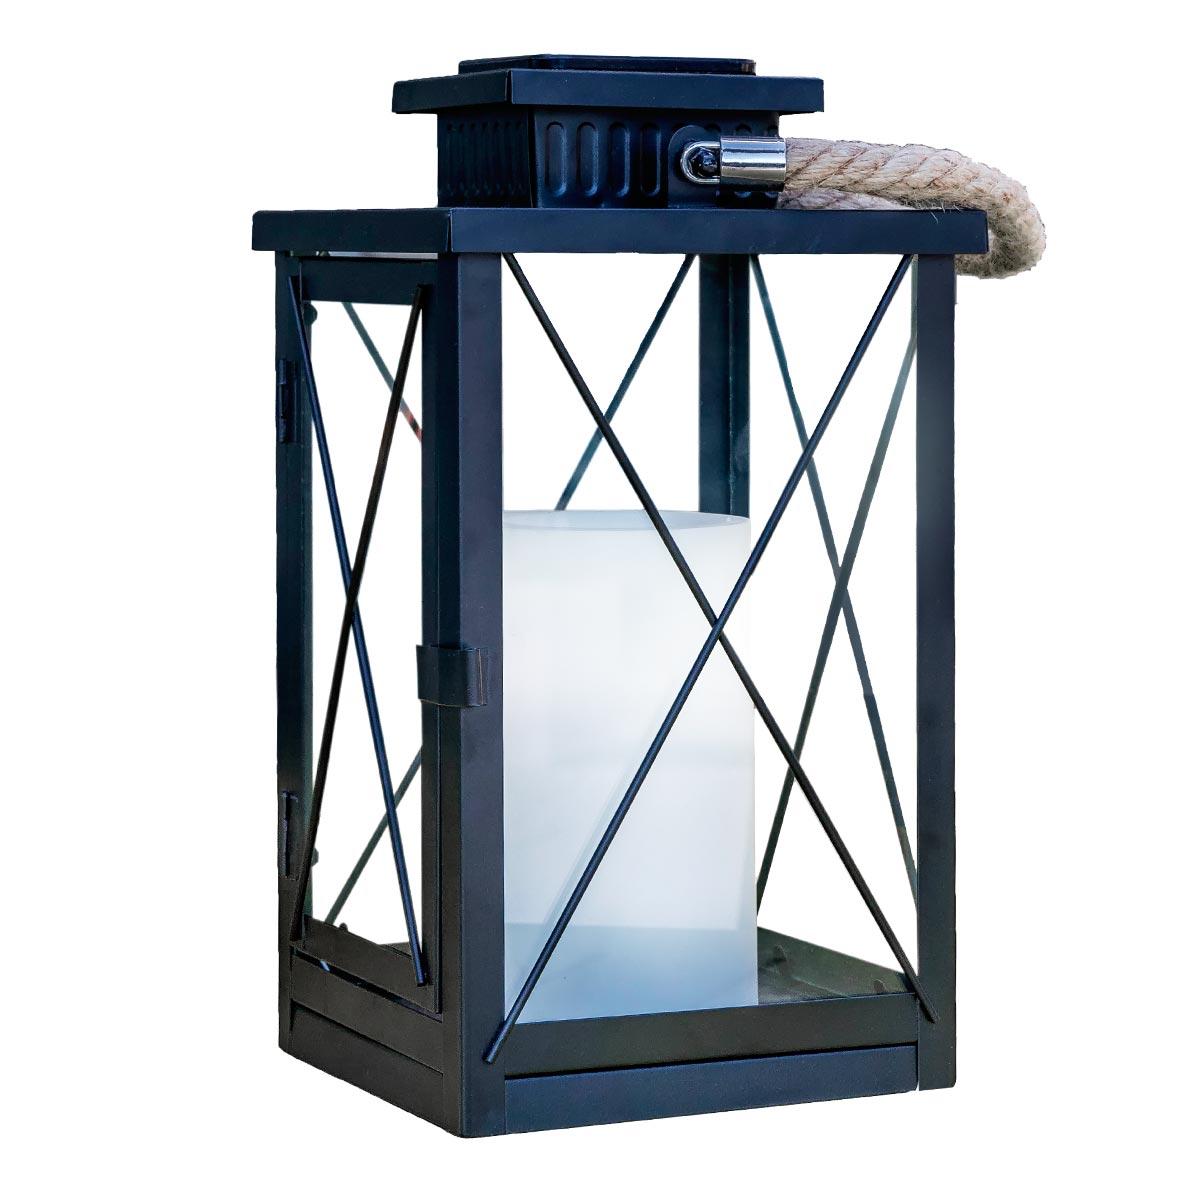 FIREFLY-Lanterne solaire avec poignée acier noir H40cm